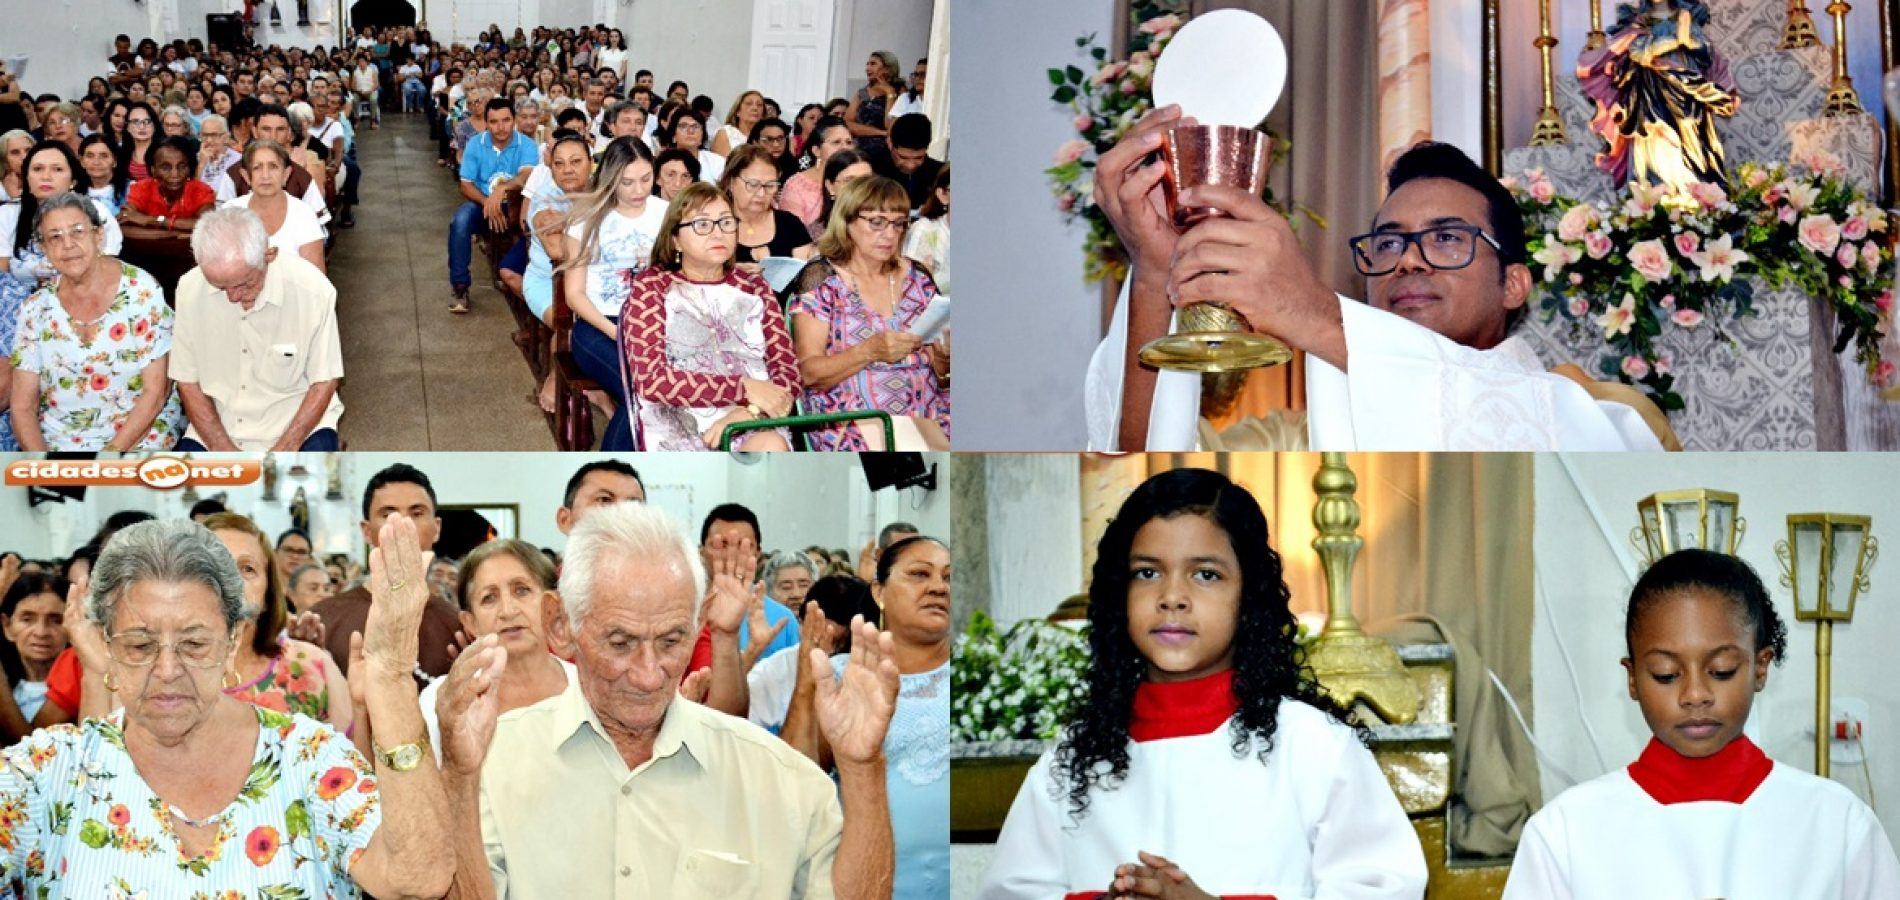 BOCAINA | Fiéis celebram 4ª noite de novena e missa do 264º Festejo de Nossa Senhora da Conceição; veja fotos